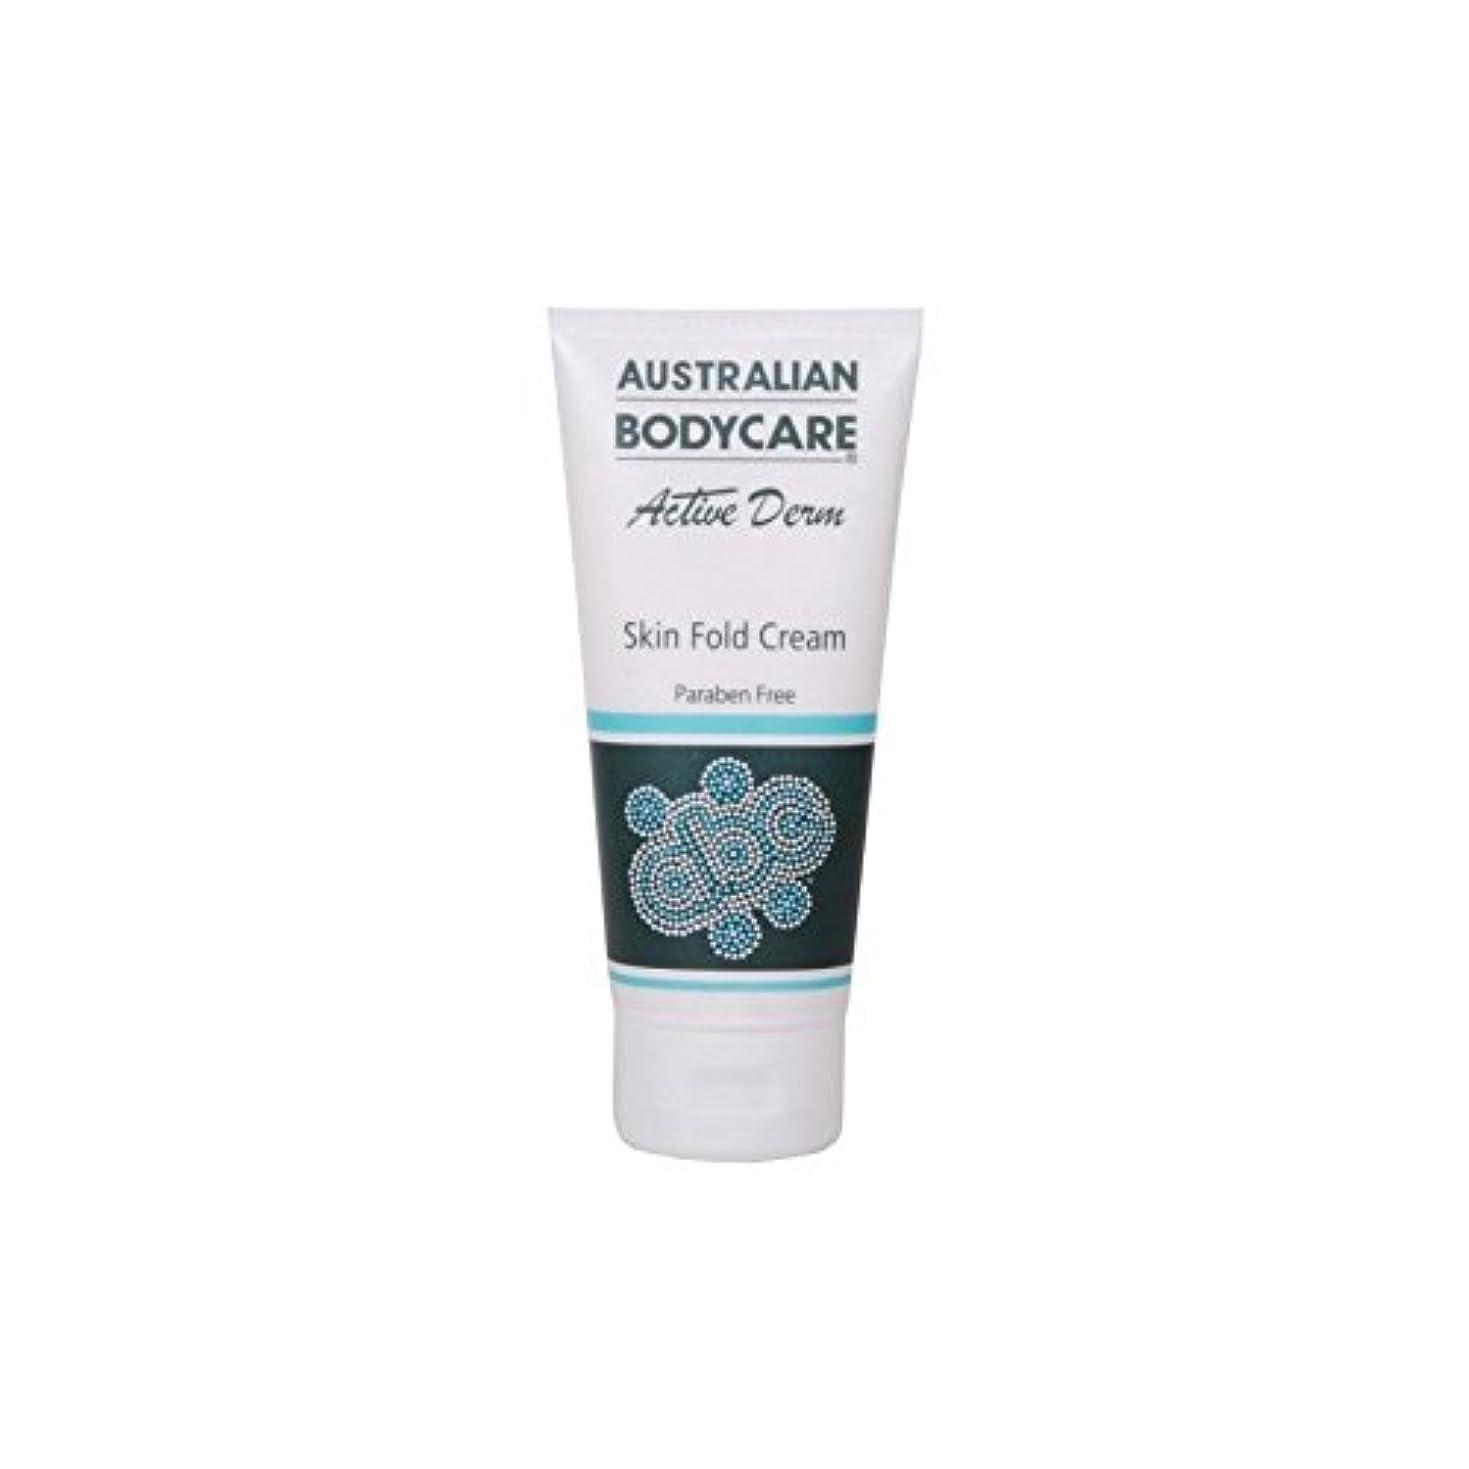 壁決定する調整可能オーストラリアのボディケアアクティブダーム皮膚のひだクリーム(100ミリリットル) x4 - Australian Bodycare Active Derm Skin Fold Cream (100ml) (Pack of 4) [並行輸入品]